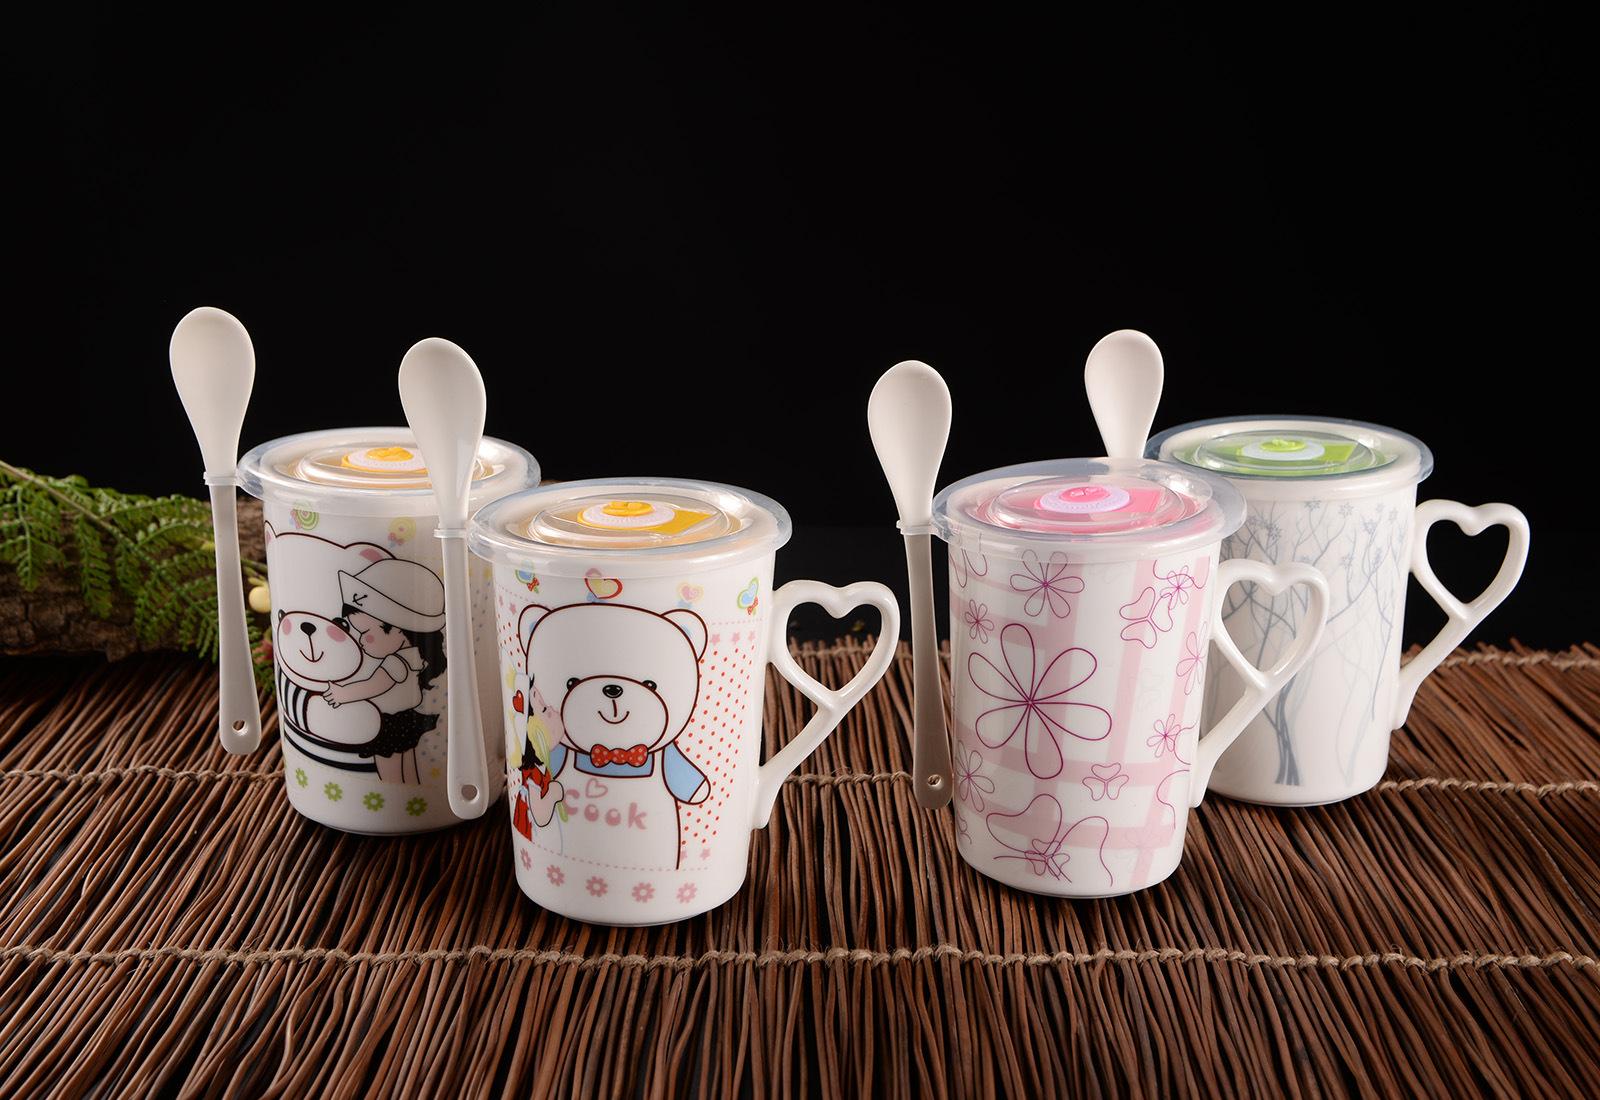 简约手绘马克杯 情侣咖啡杯 带盖带勺环保水杯 定制卡通图案logo